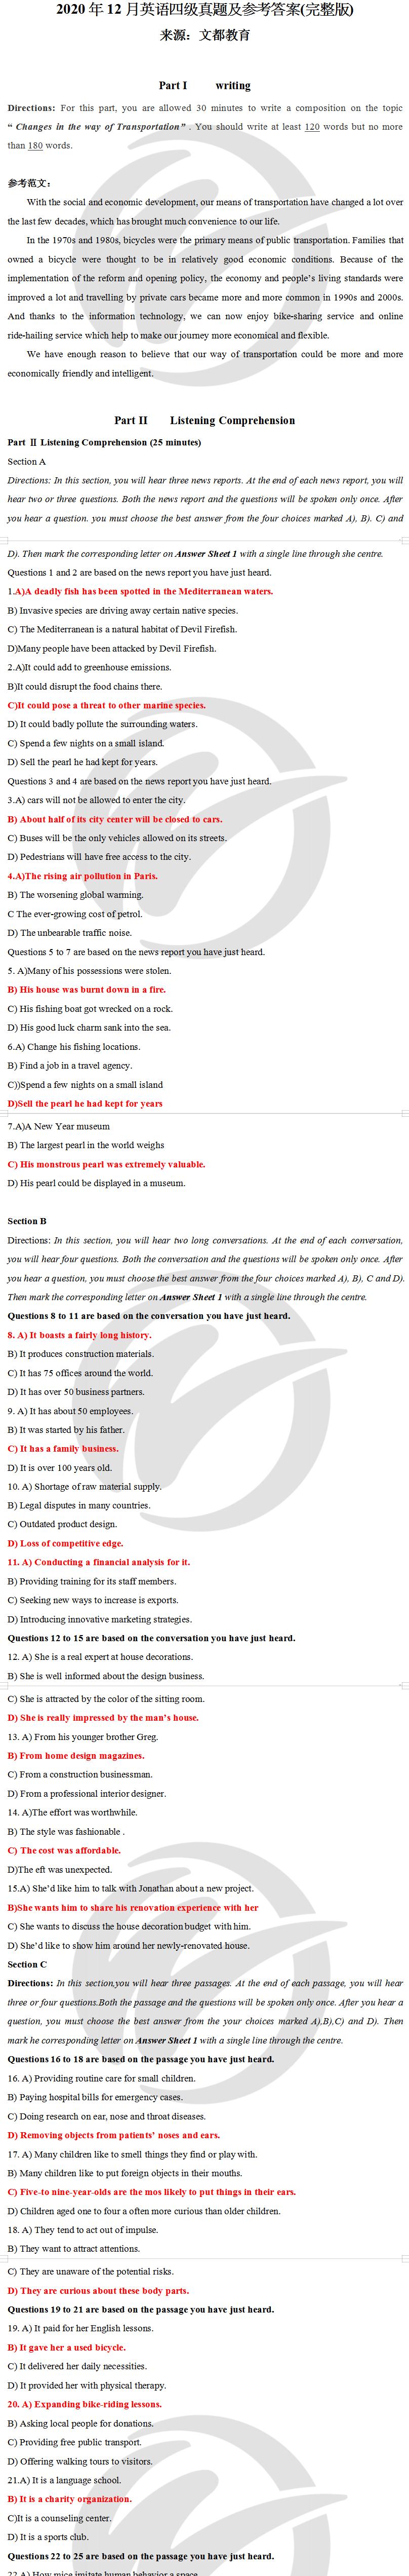 2020年12月英语四级真题及参考答案(完整版)